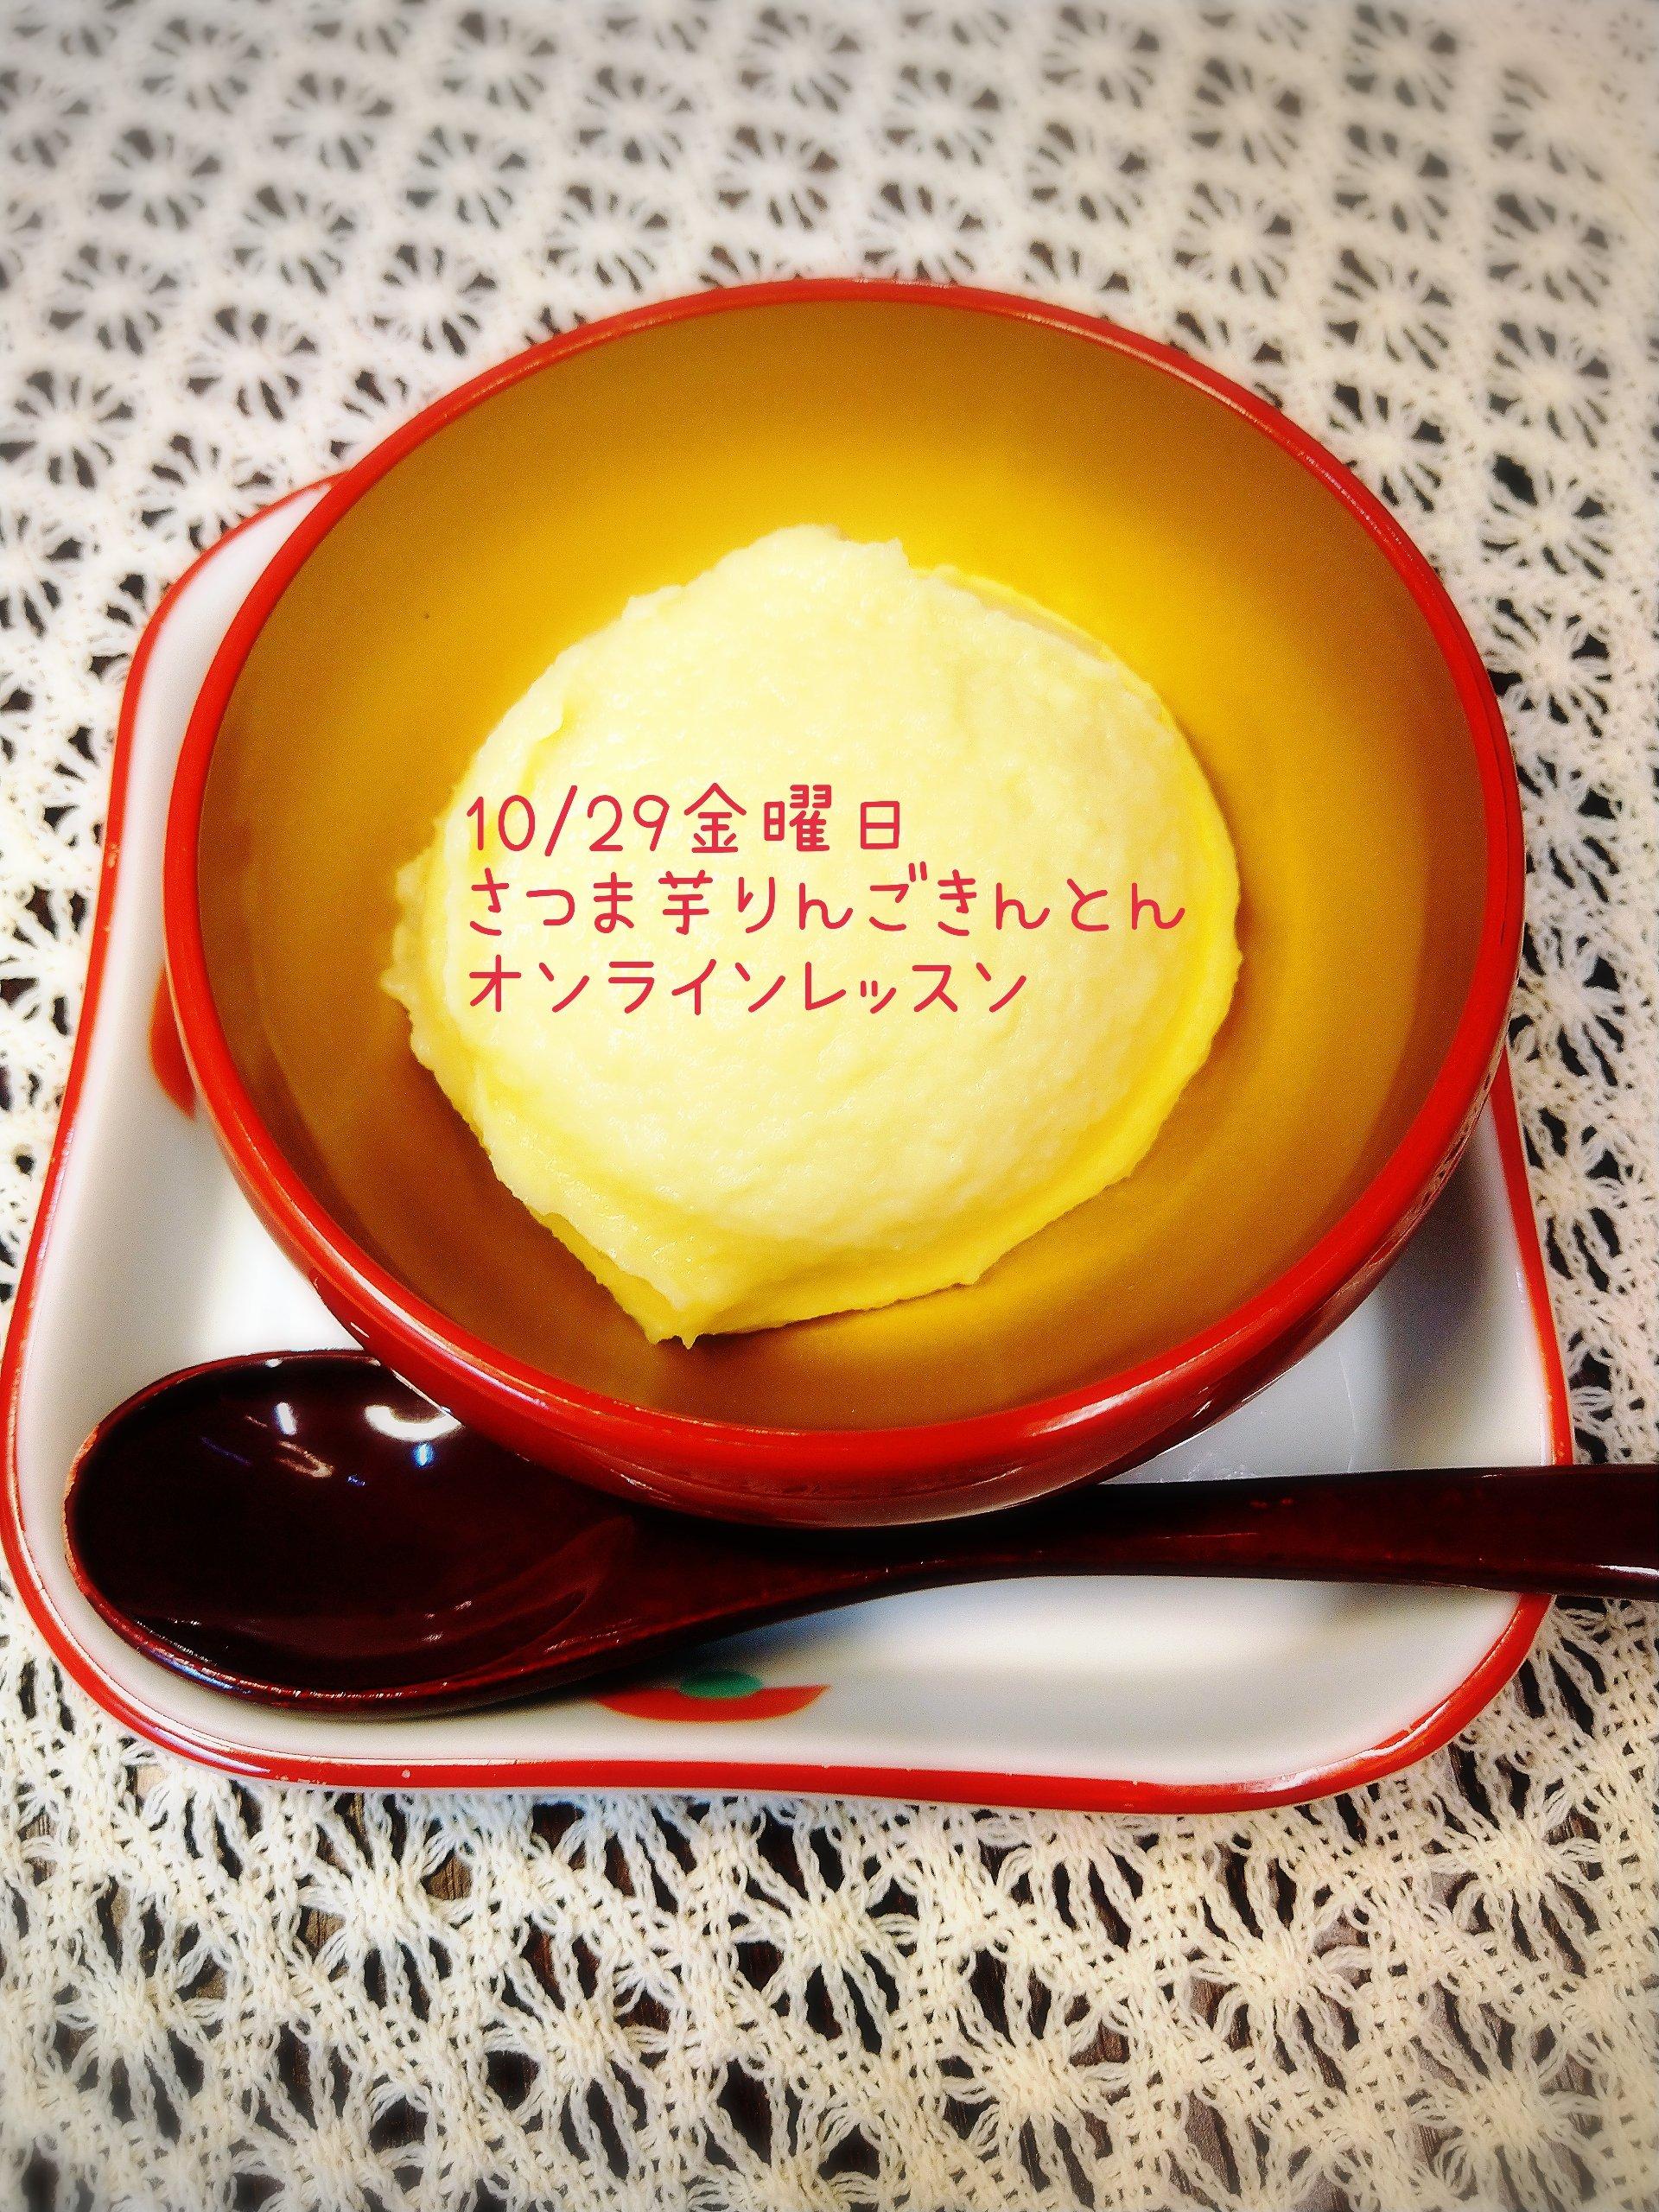 10/30㈯11:00オンライン料理レッスン〜さつま芋りんごきんとん〜のイメージその1